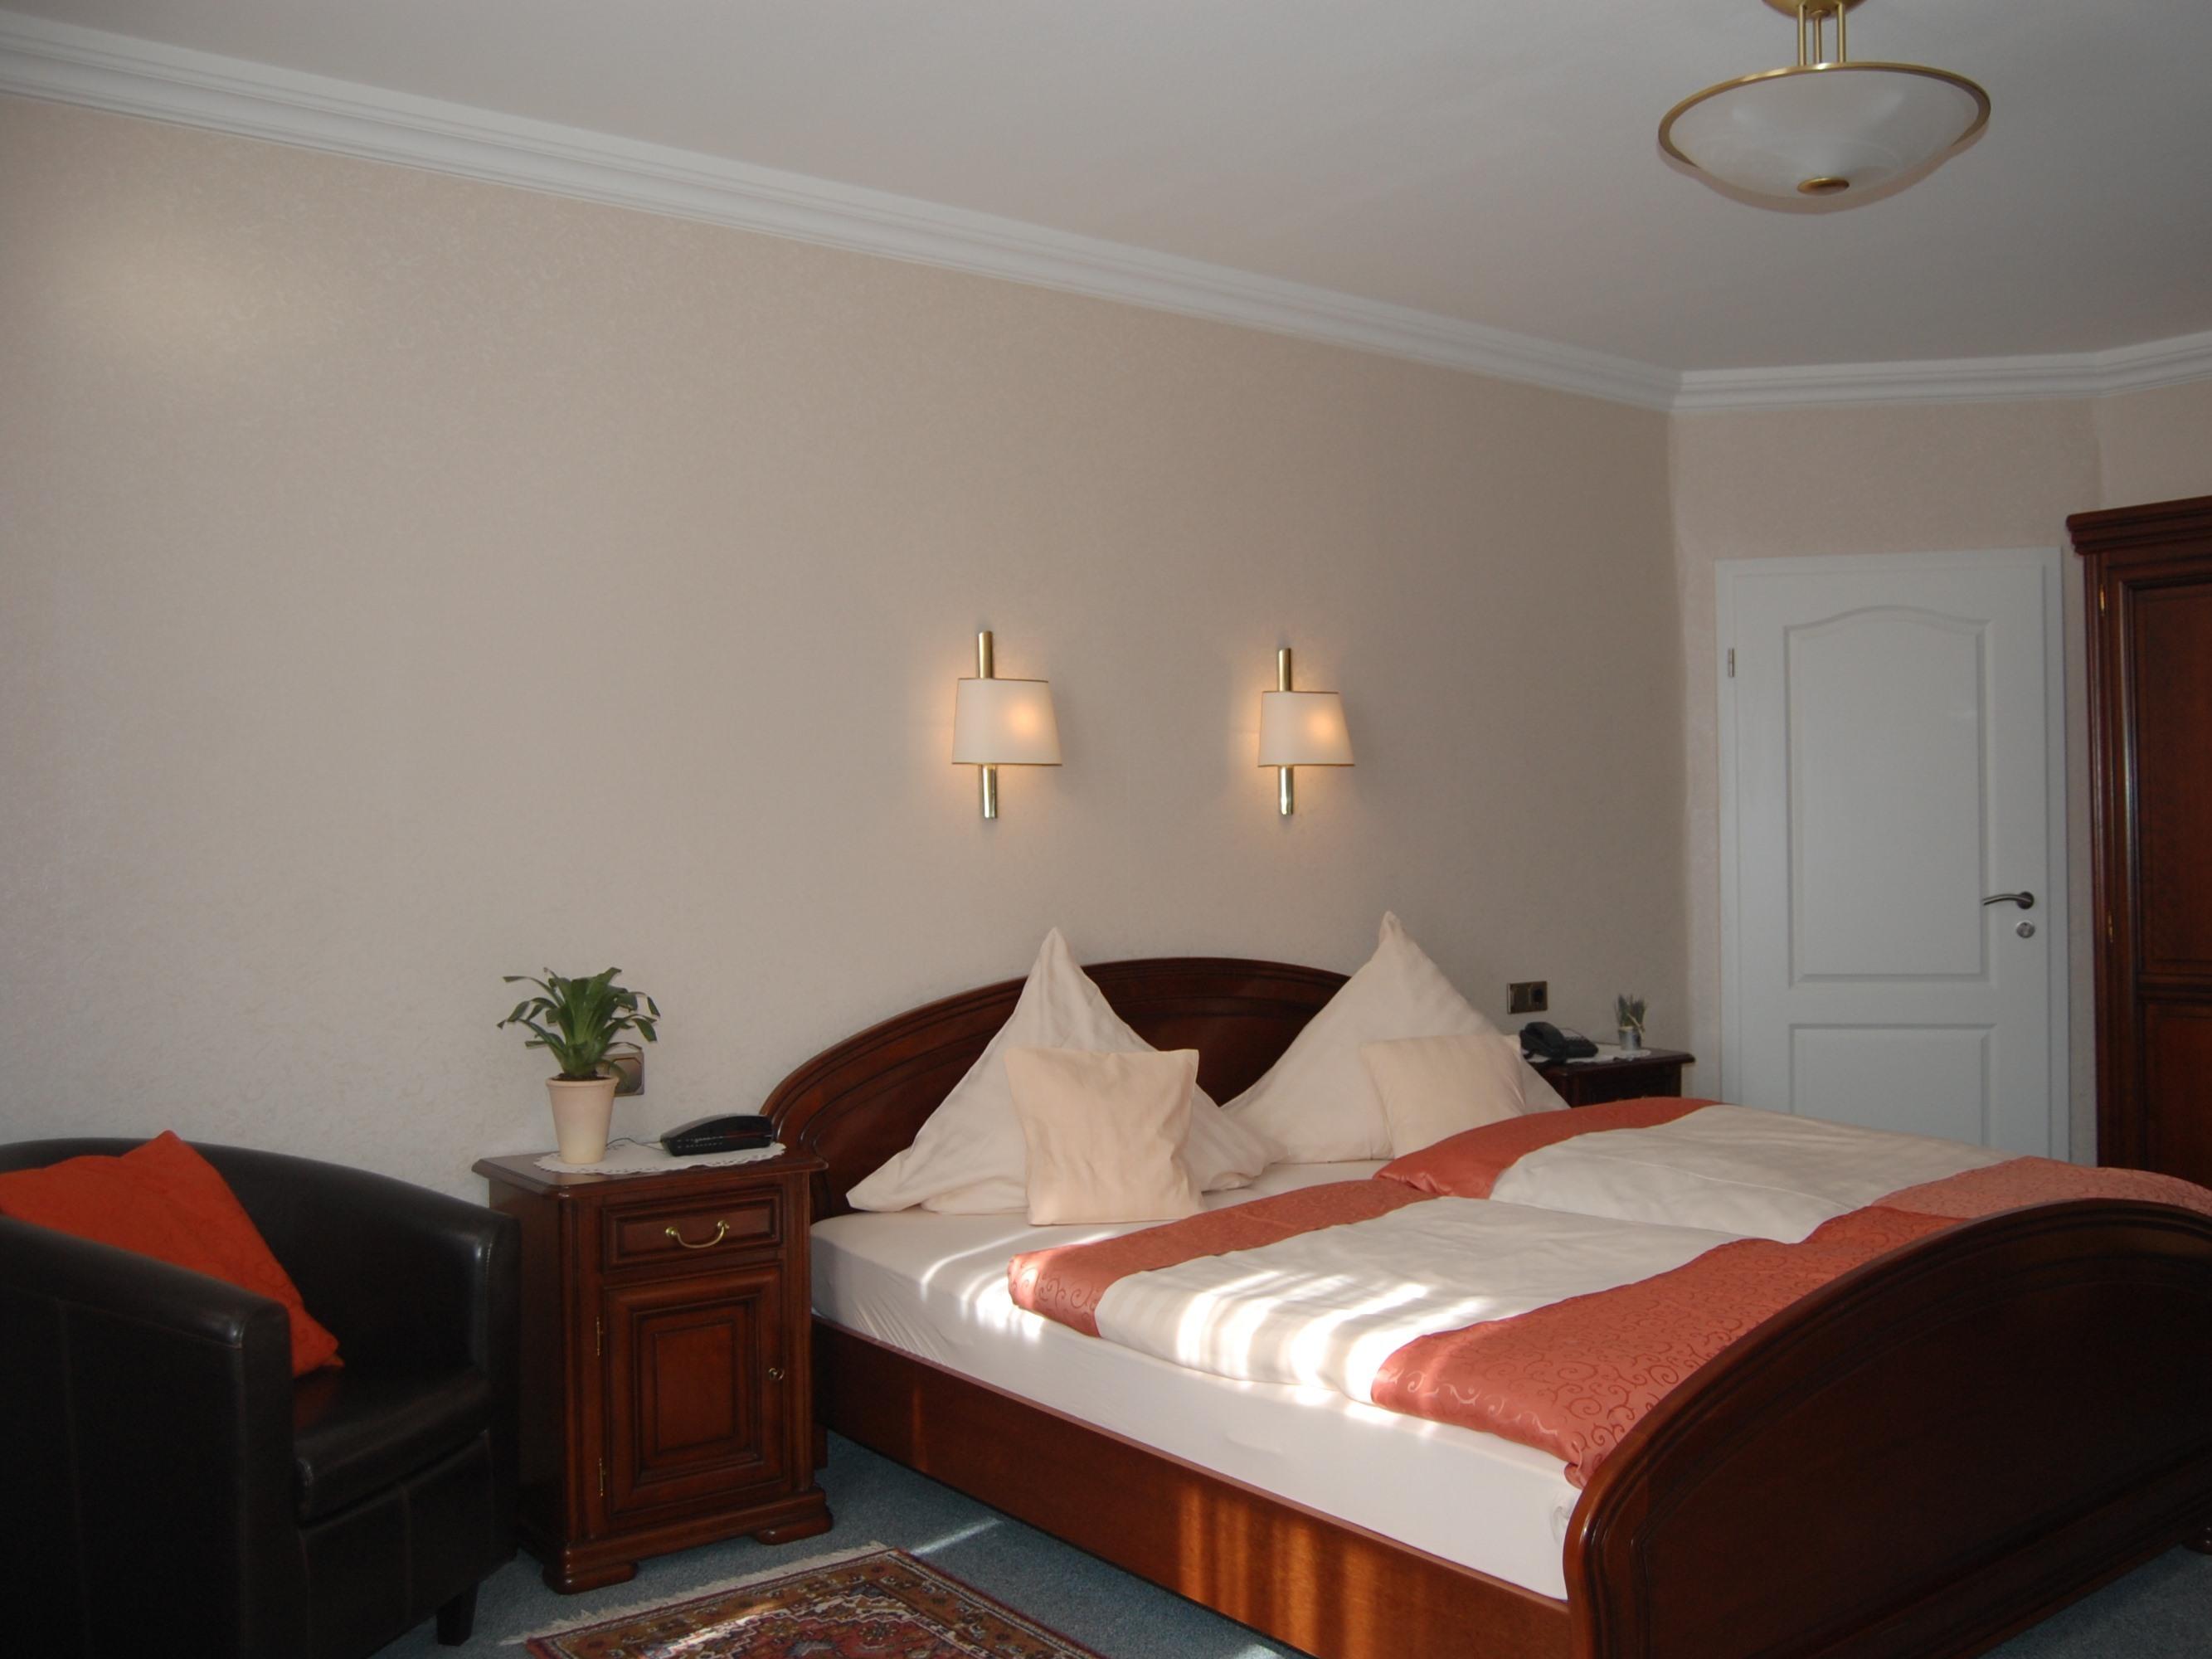 Doppelzimmer-Ensuite Dusche-mit Erker